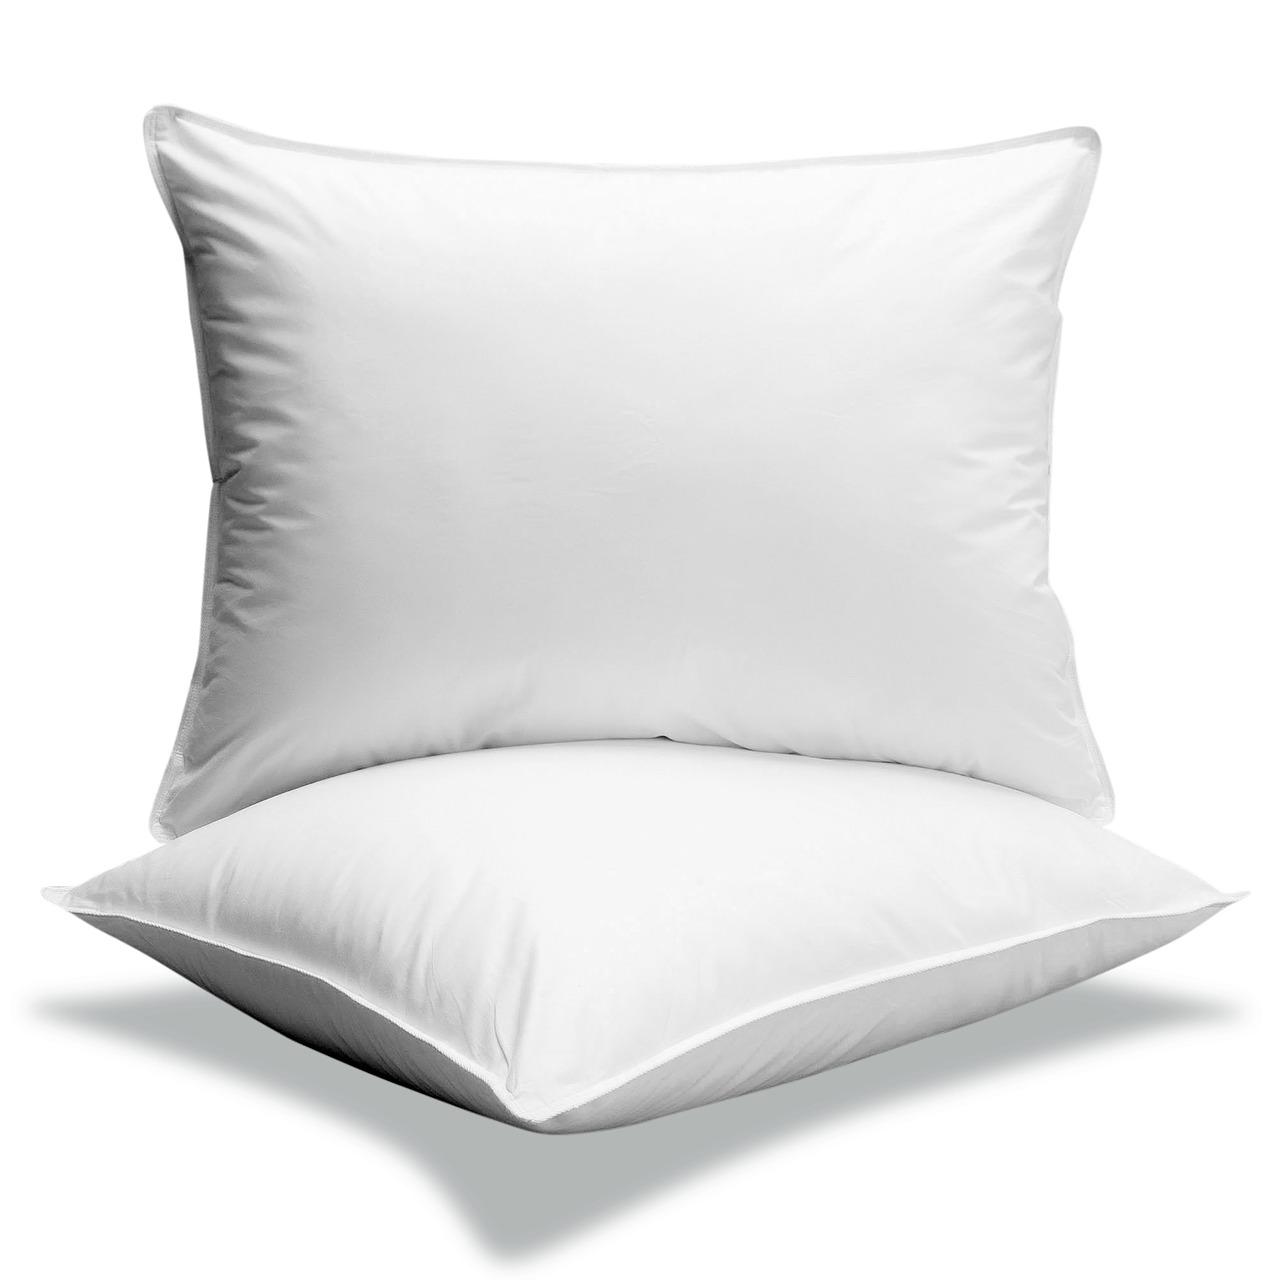 Как да заспим веднага - Ароматни възглавнички